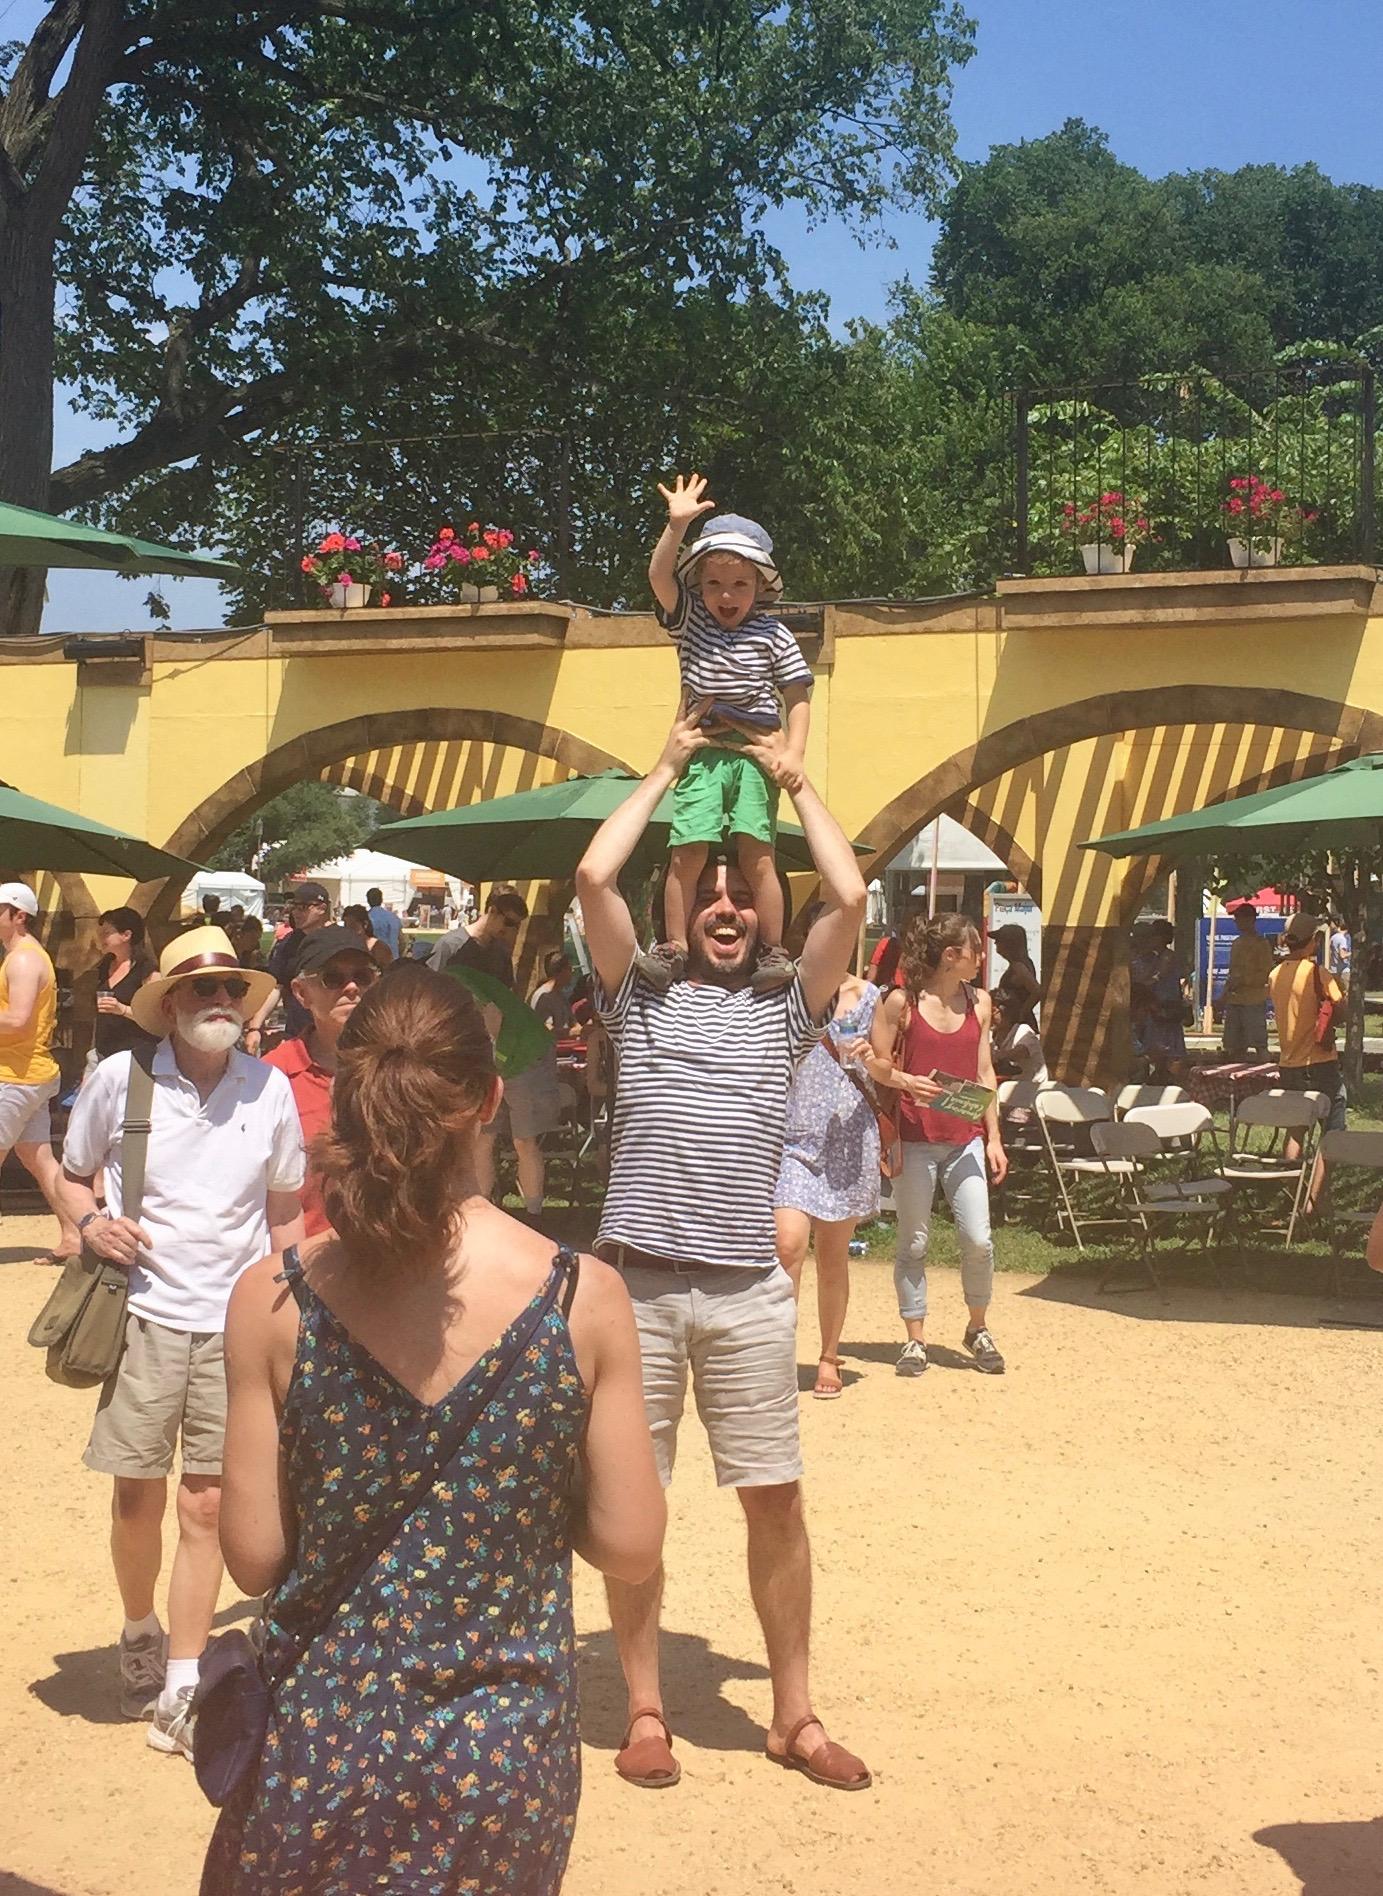 A super cute family recreating their own mini human tower -